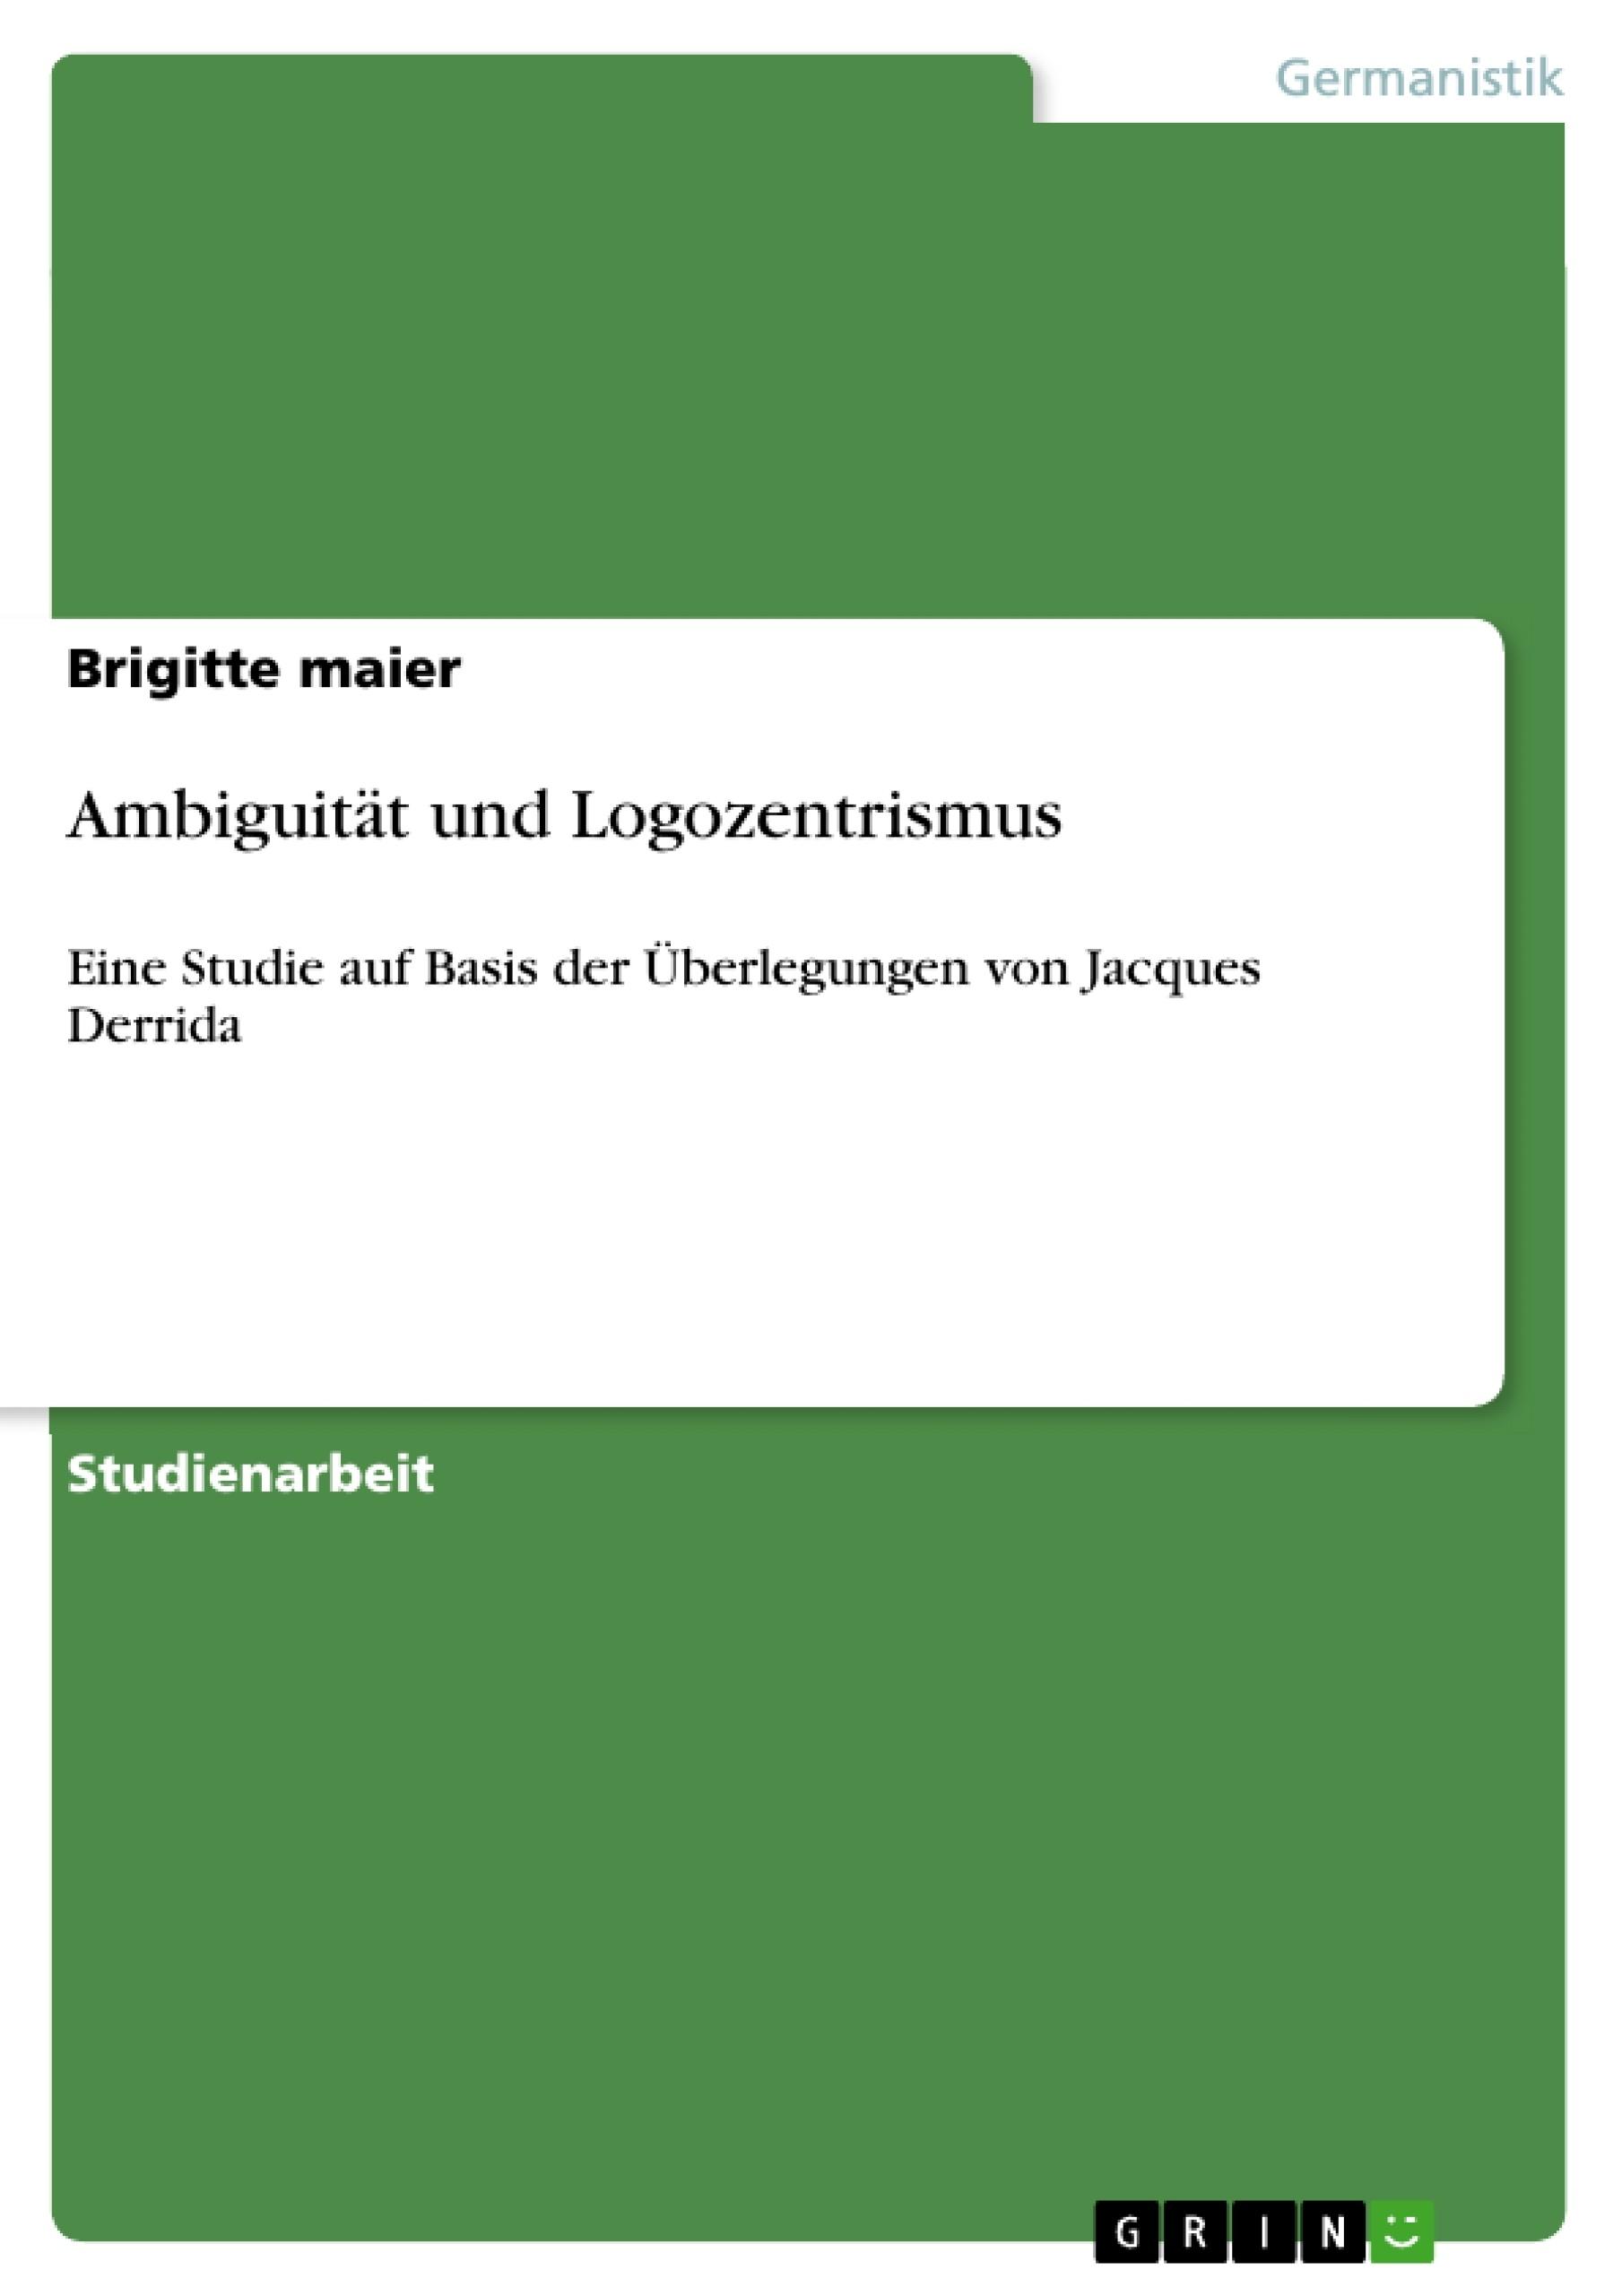 Titel: Ambiguität und Logozentrismus